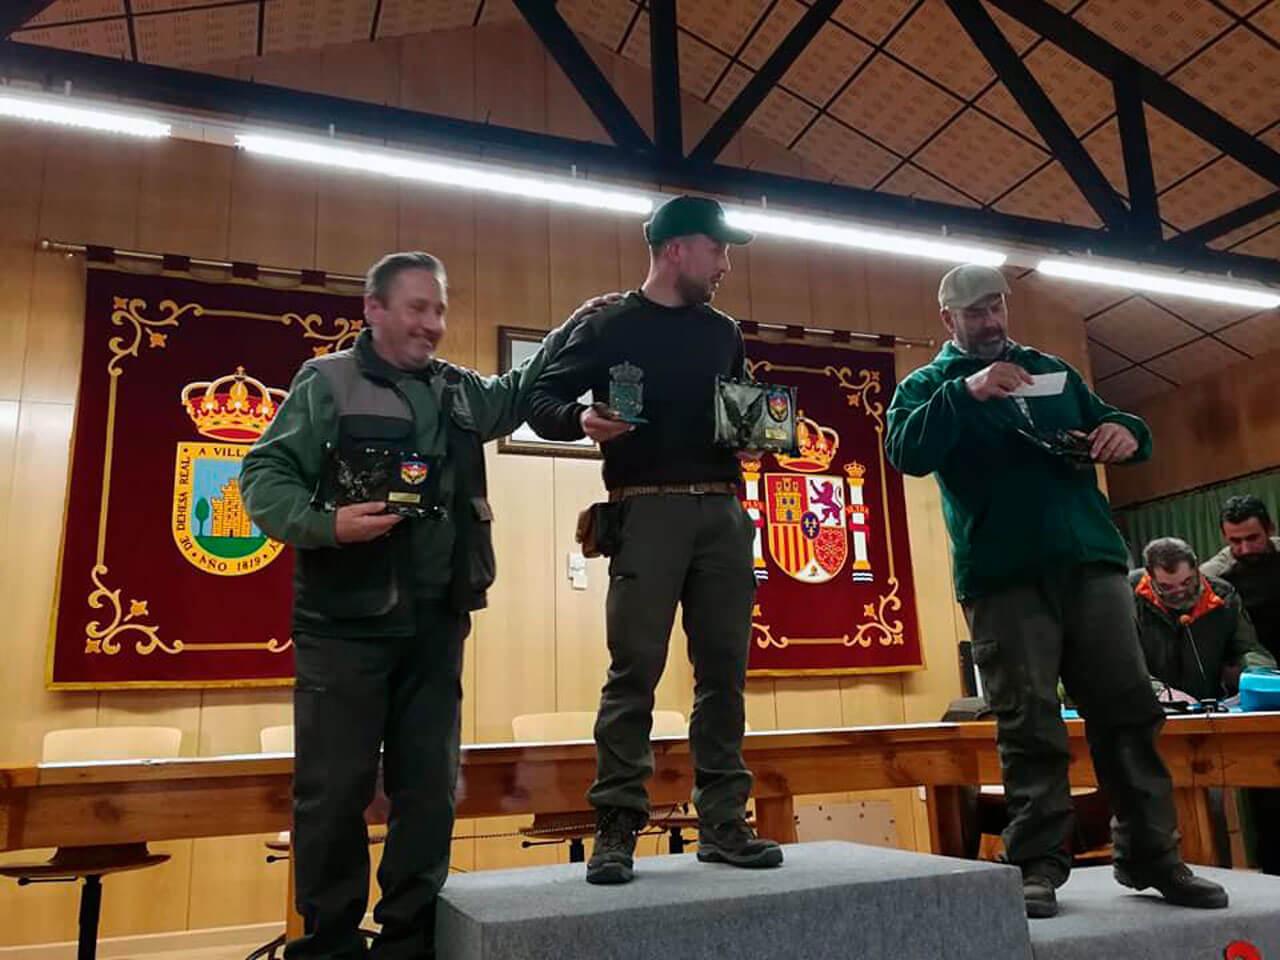 Campeonato Autonómico de Bajo Vuelo, de izquierda a derecha, D. Felipe García-Pardo Sánchez, Tercer Clasificado, D. Félix Martínez Trigo, Campeón Autonómico y D. Antonio Martínez Jiménez Subcampeón Autonómico.